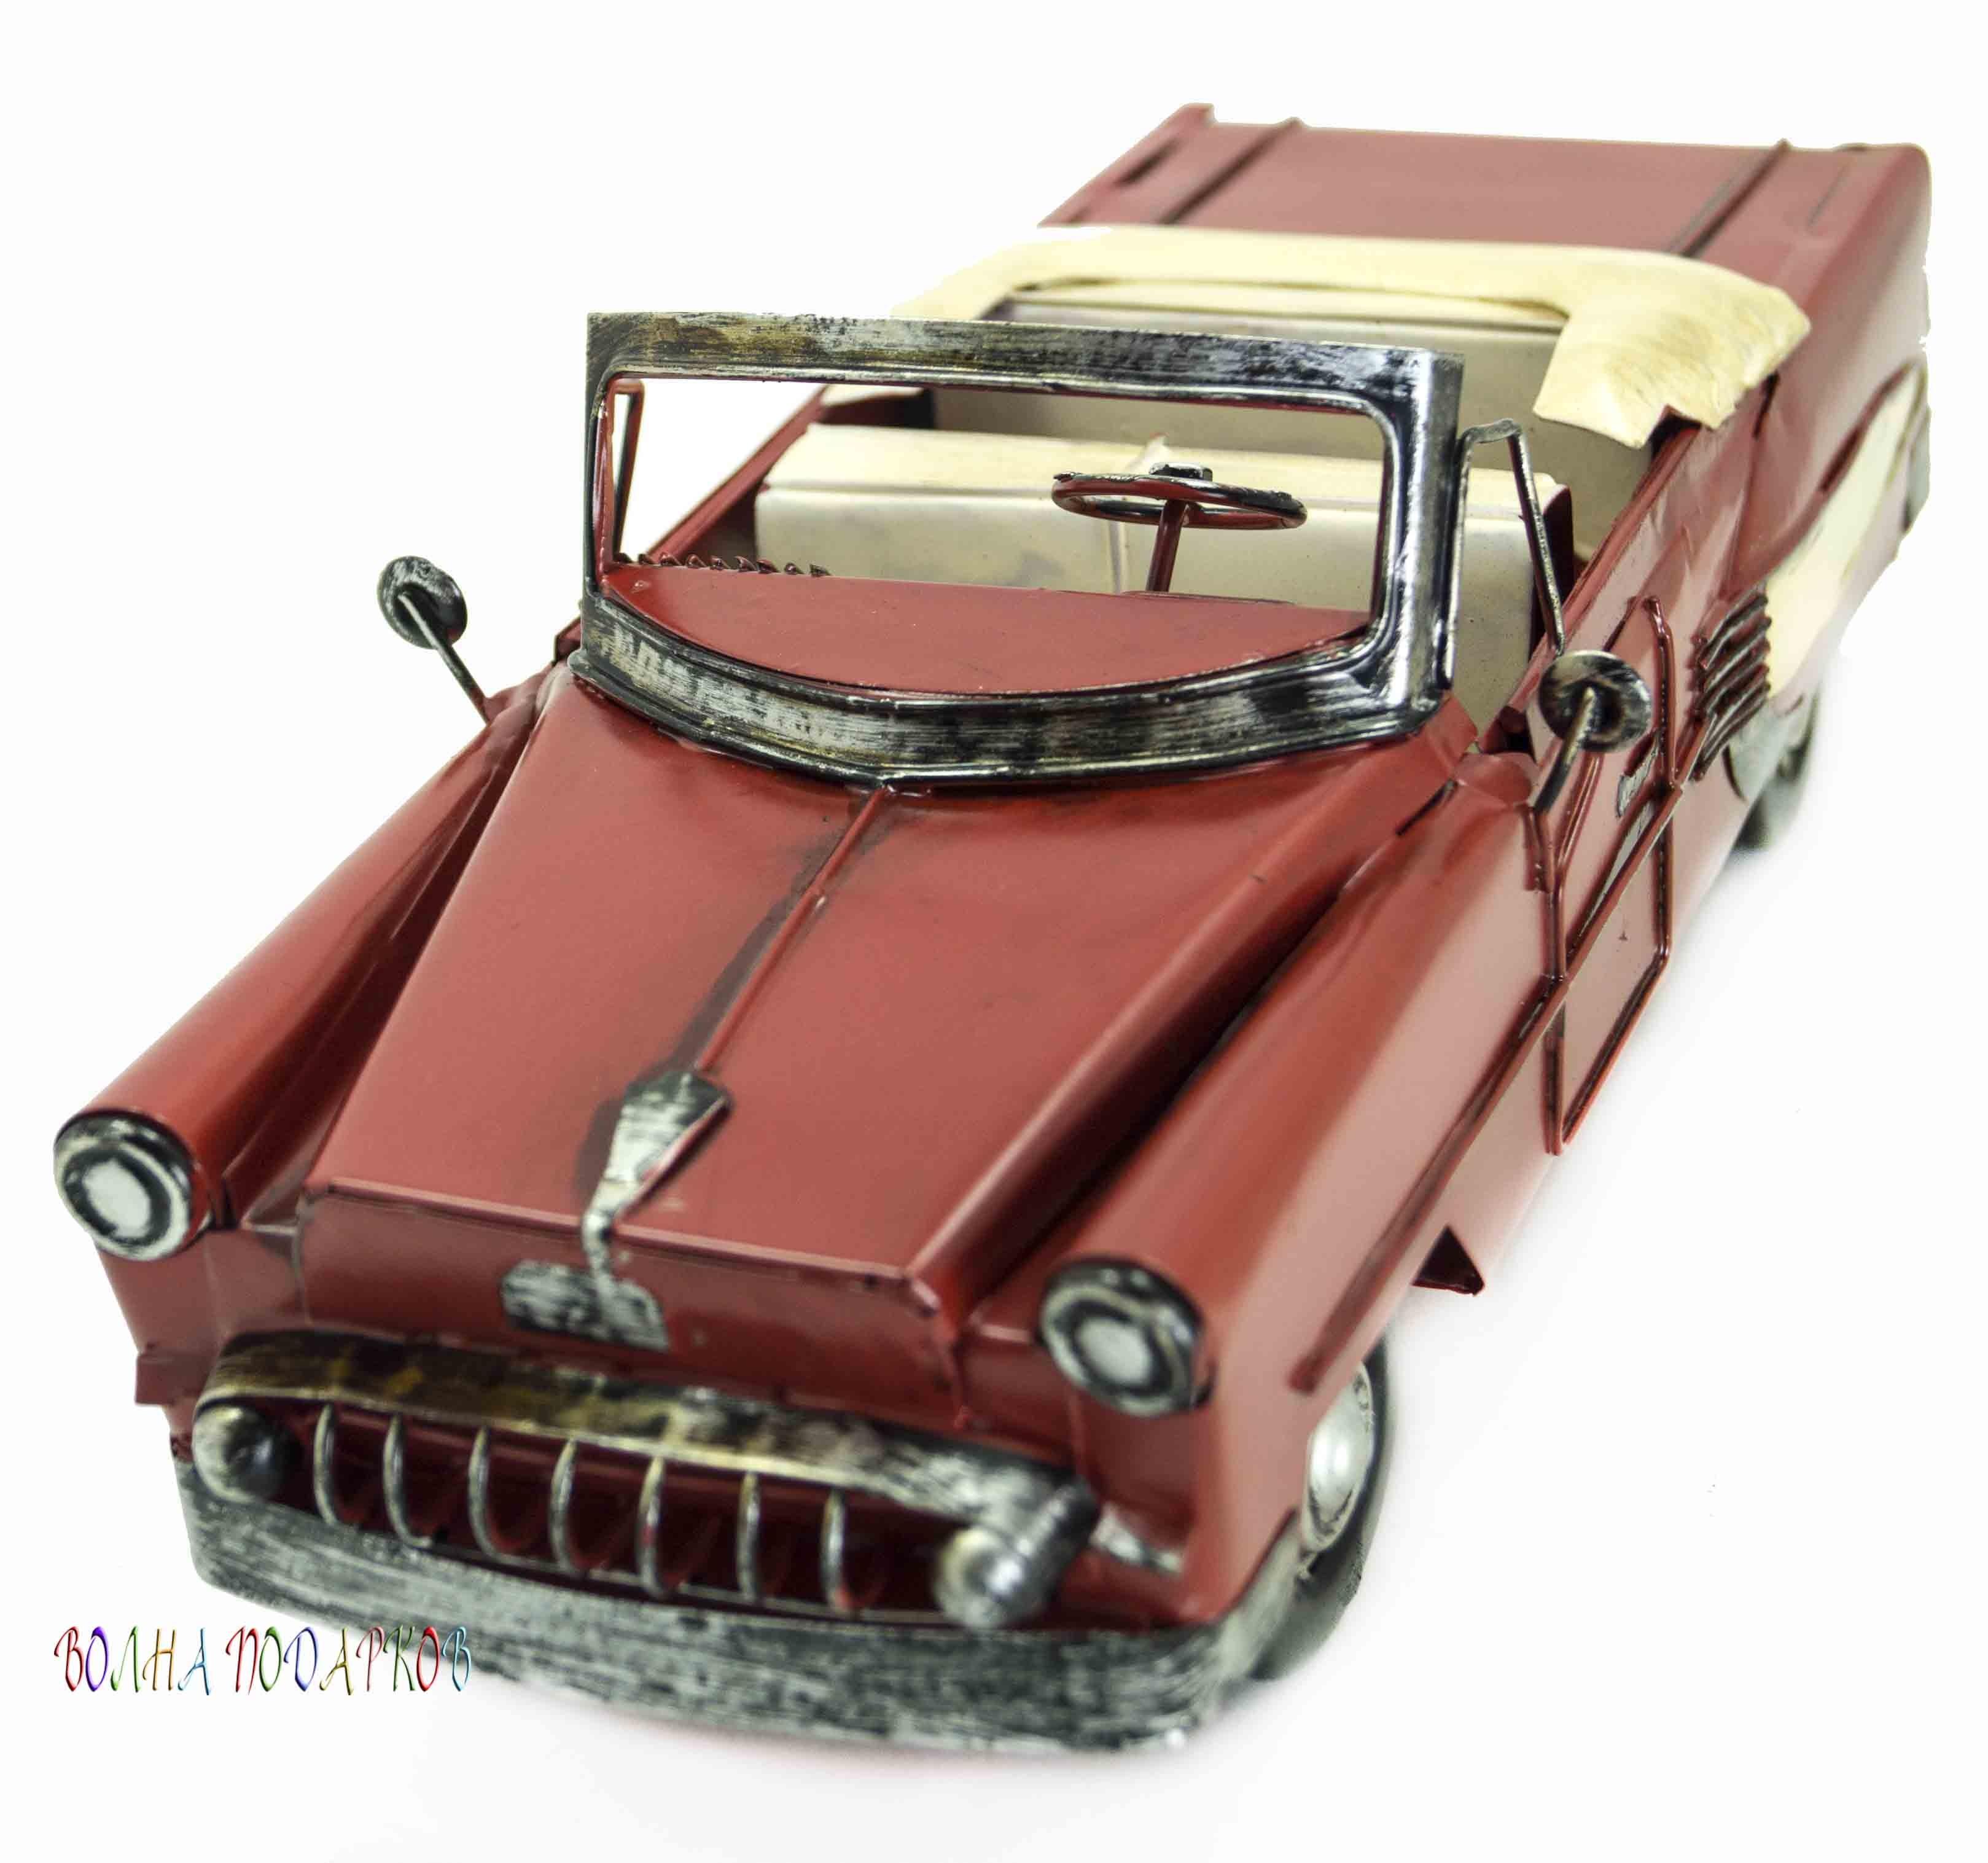 Коллекционная модель ретро автомобиля Cadillac